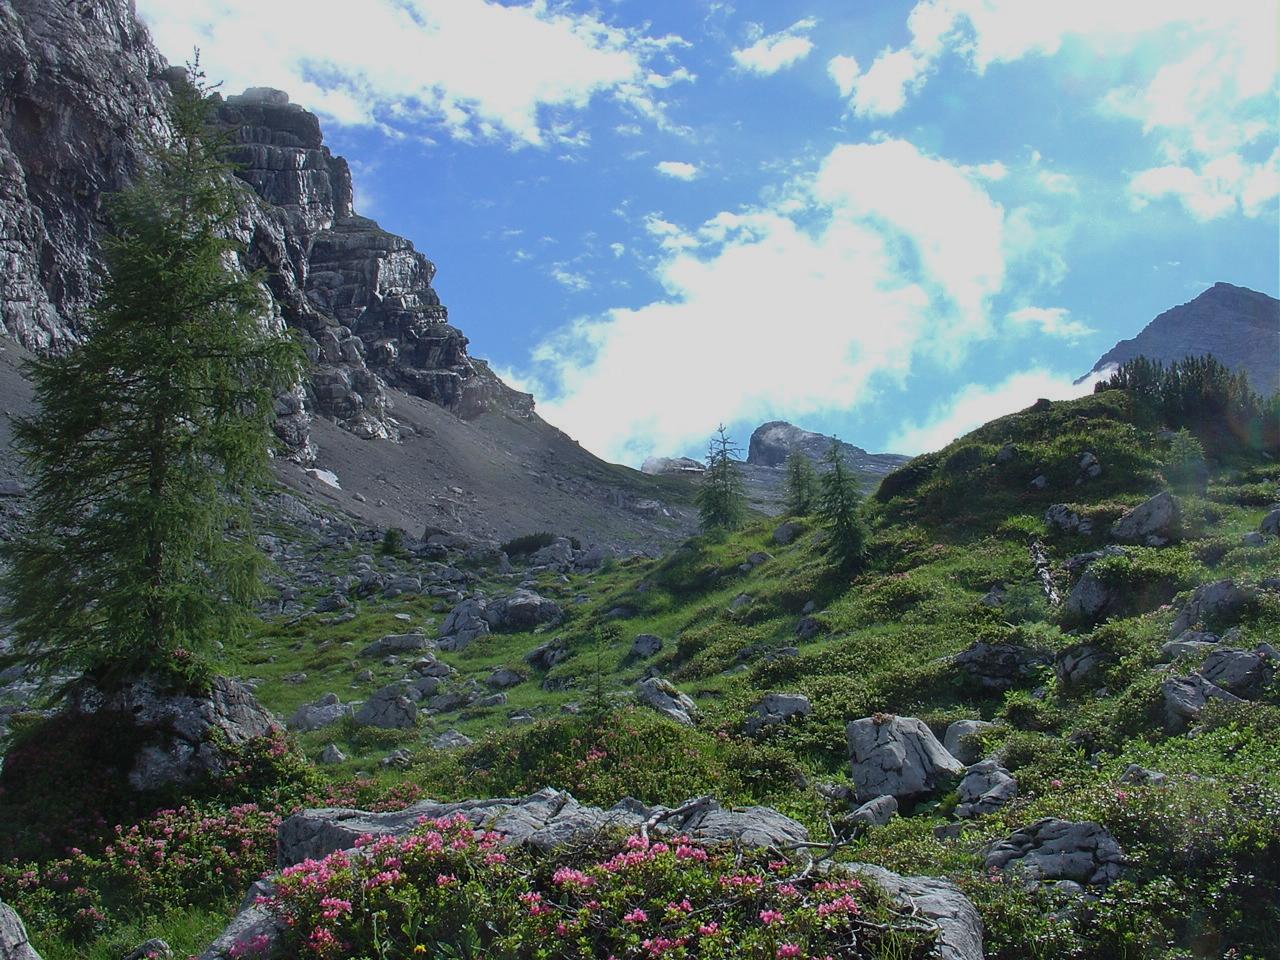 herrliche Fauna unterhalb der Nordabbrüche des Mitterhorn, oben die Mittagsscharte und Passauer Hütte erkennbar